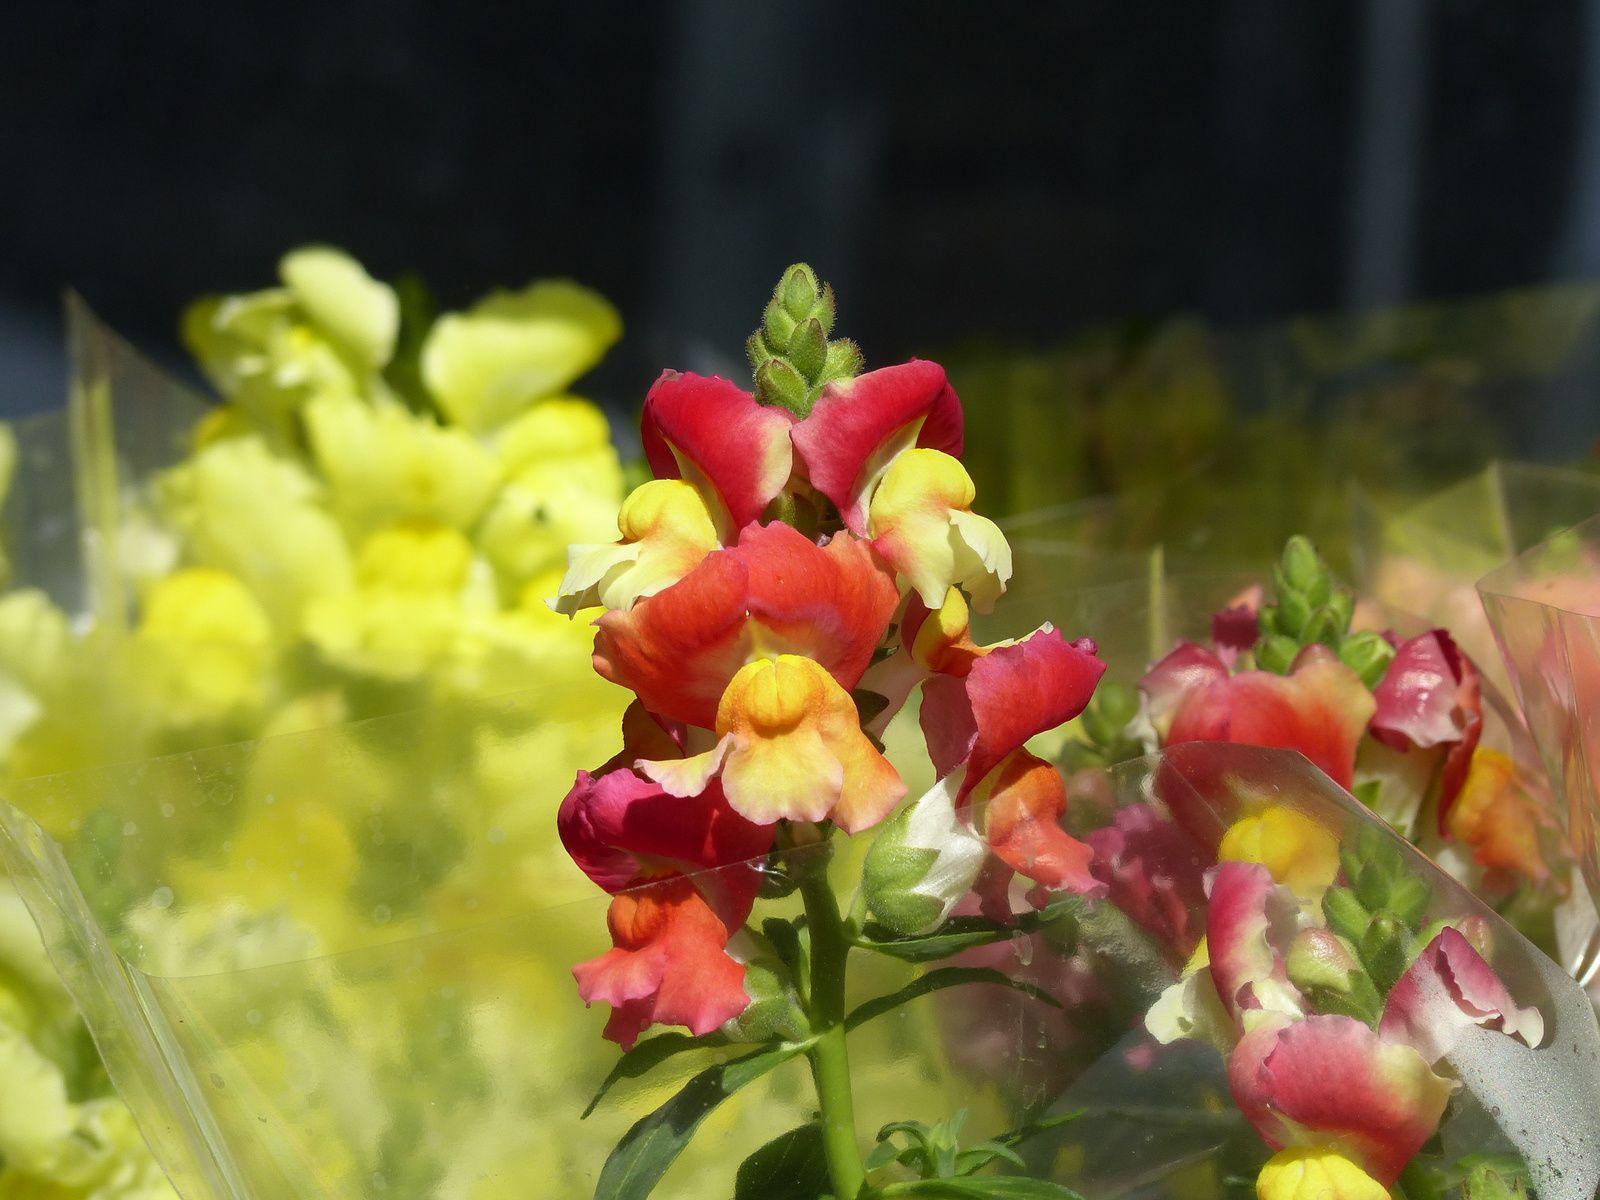 Merci à Alain Kritchmar de m'avoir emmené rue des jardiniers à Rungis, paradis des couleurs, des senteurs, des parfums inextricables....pures instants de bonheur!